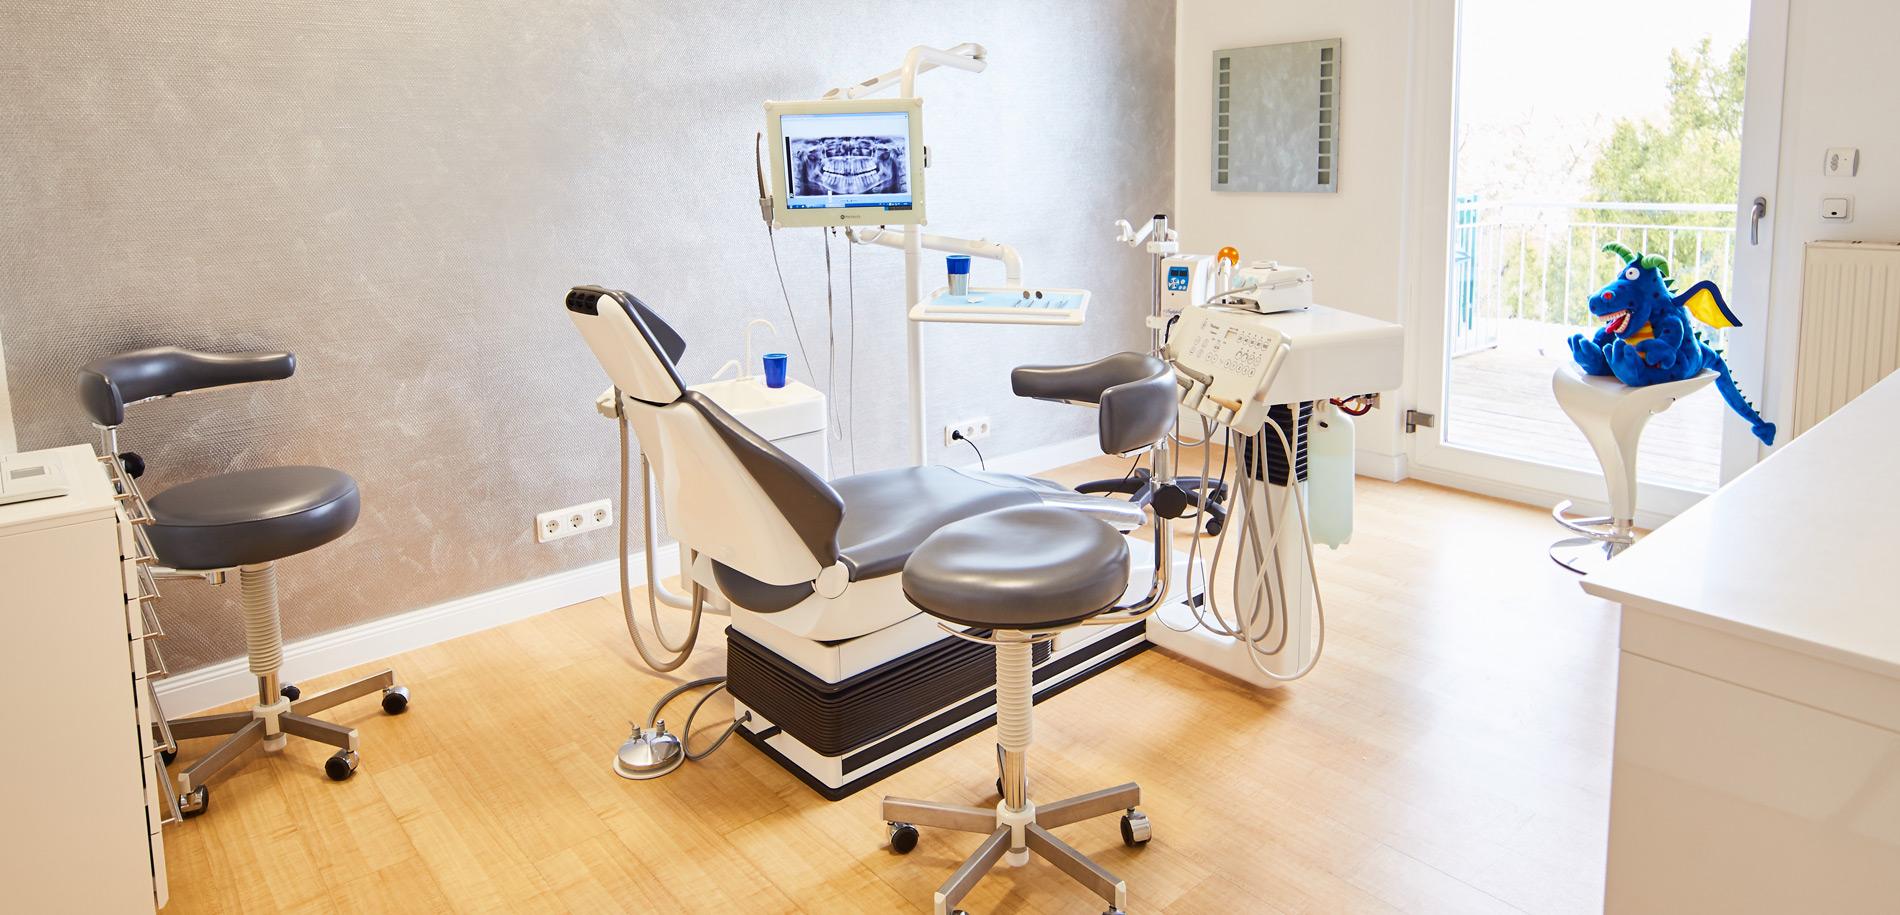 Zahnarztpraxis  Zahnrhein in Walluf - Recallsystem 1